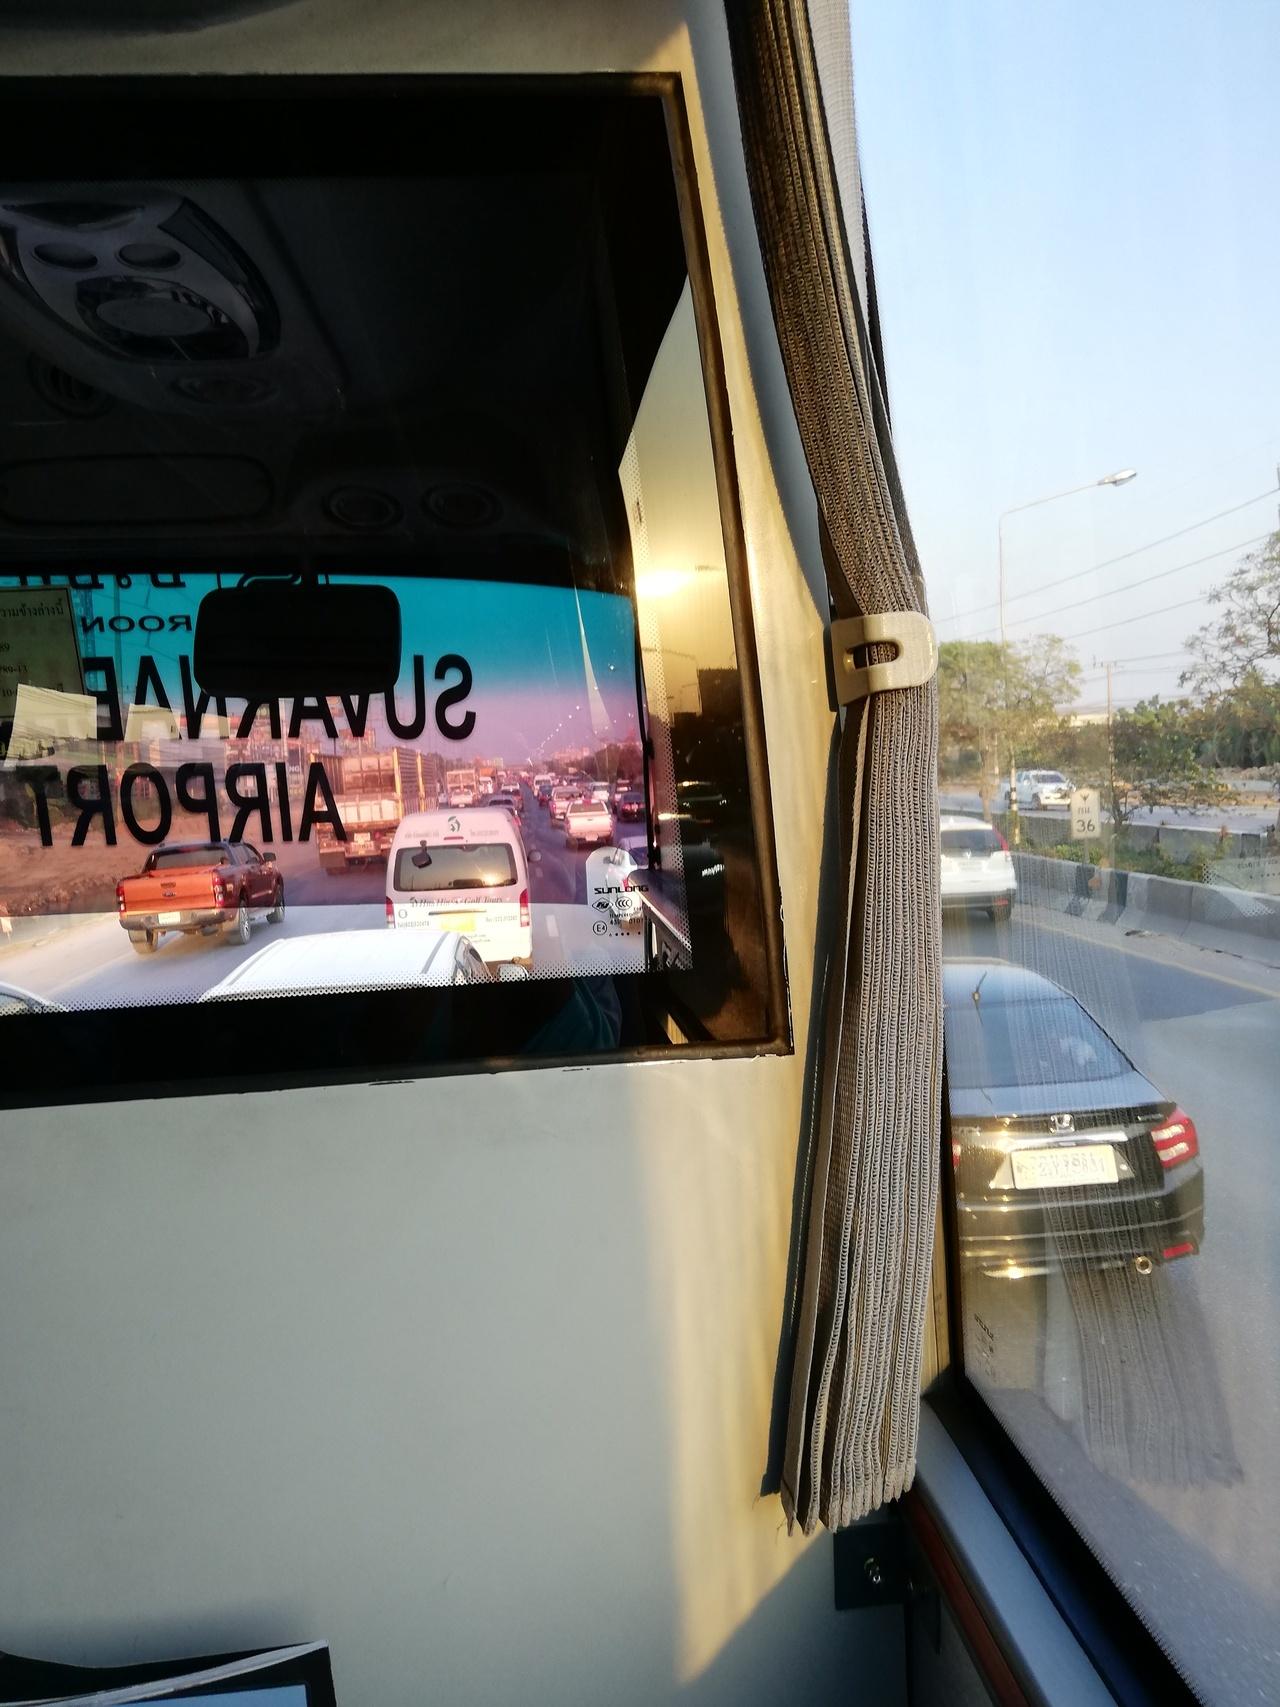 帰りのバスをA氏が探してくれました。 今日は日曜日なので、街中からのバスは満席。そこでマイカーでホアヒン空港まで連れていってくださって、1時間ごとに出ているスワンナプーム空港行きバスの3時出発まで、お話しして見送ってくださいました。  バスの一番前の席からの写真です。 座席は広く、乗り心地は良いですが、冷房が効き過ぎ!(東南アジアではよくある事です。) 日曜夕方の渋滞にはまって、スワンナプームまで4時間。💦